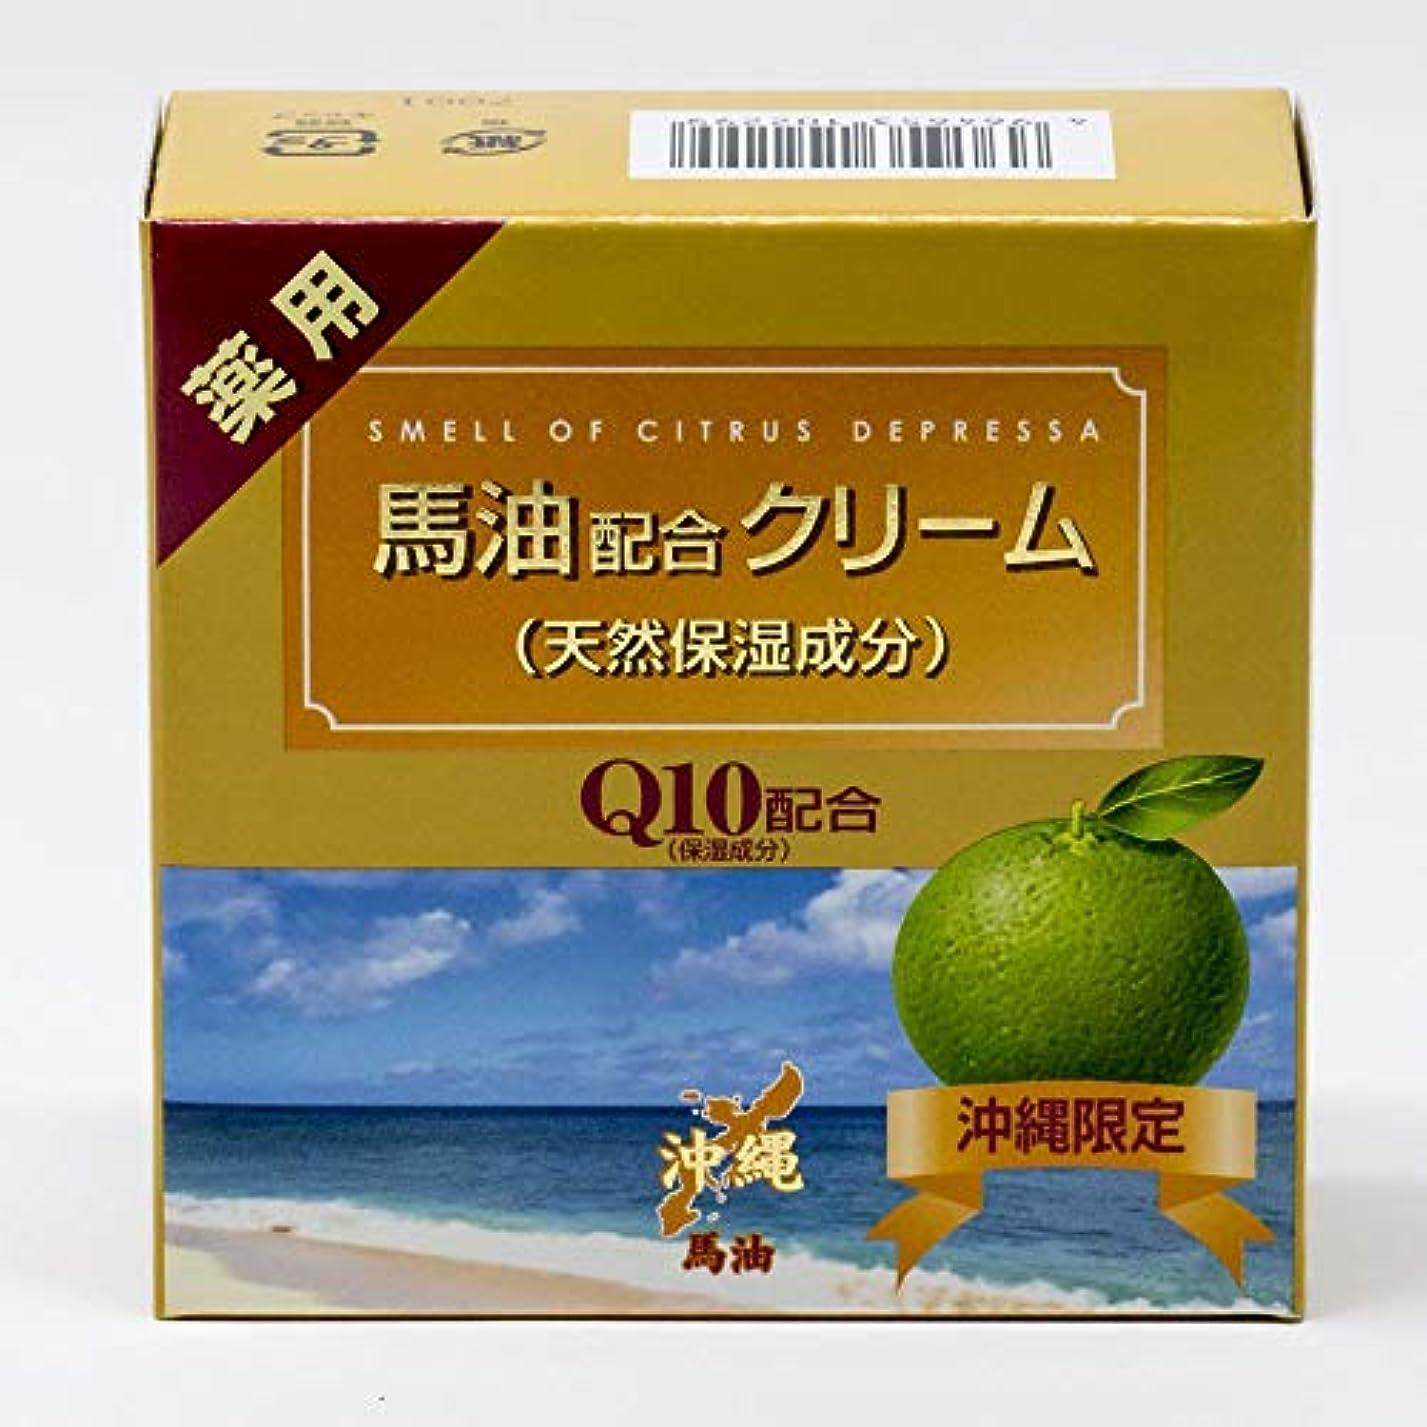 速記乳白蒸気薬用 馬油クリーム シークヮーサーの香り Q10配合(沖縄限定)